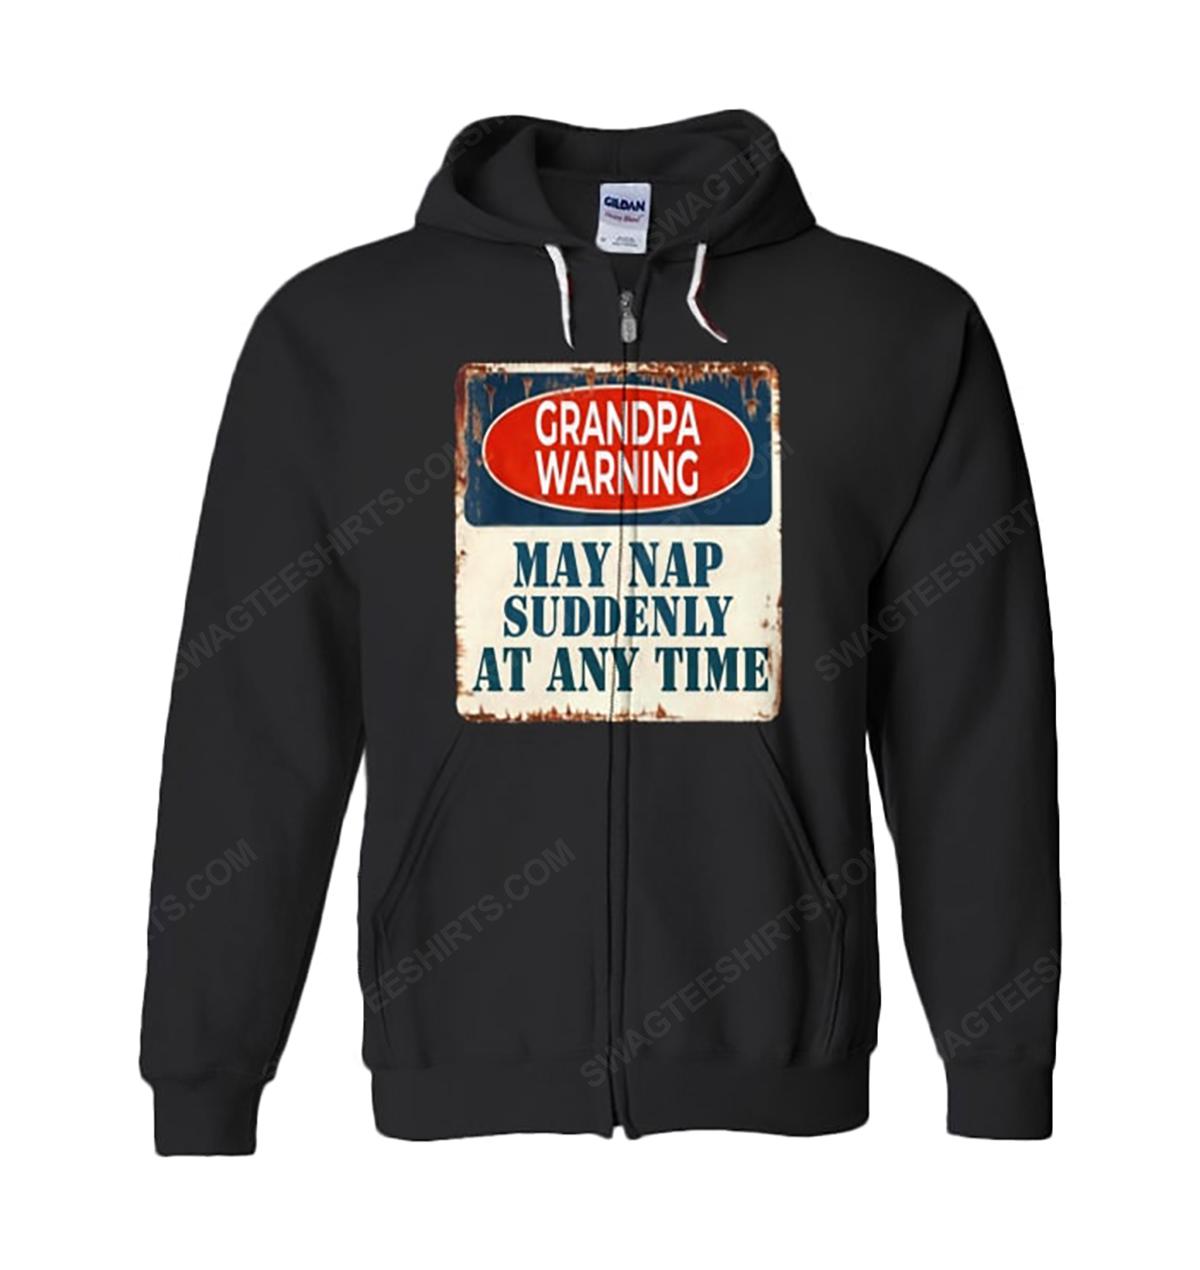 Grandpa warning may nap suddenly at any time zip hoodie 1